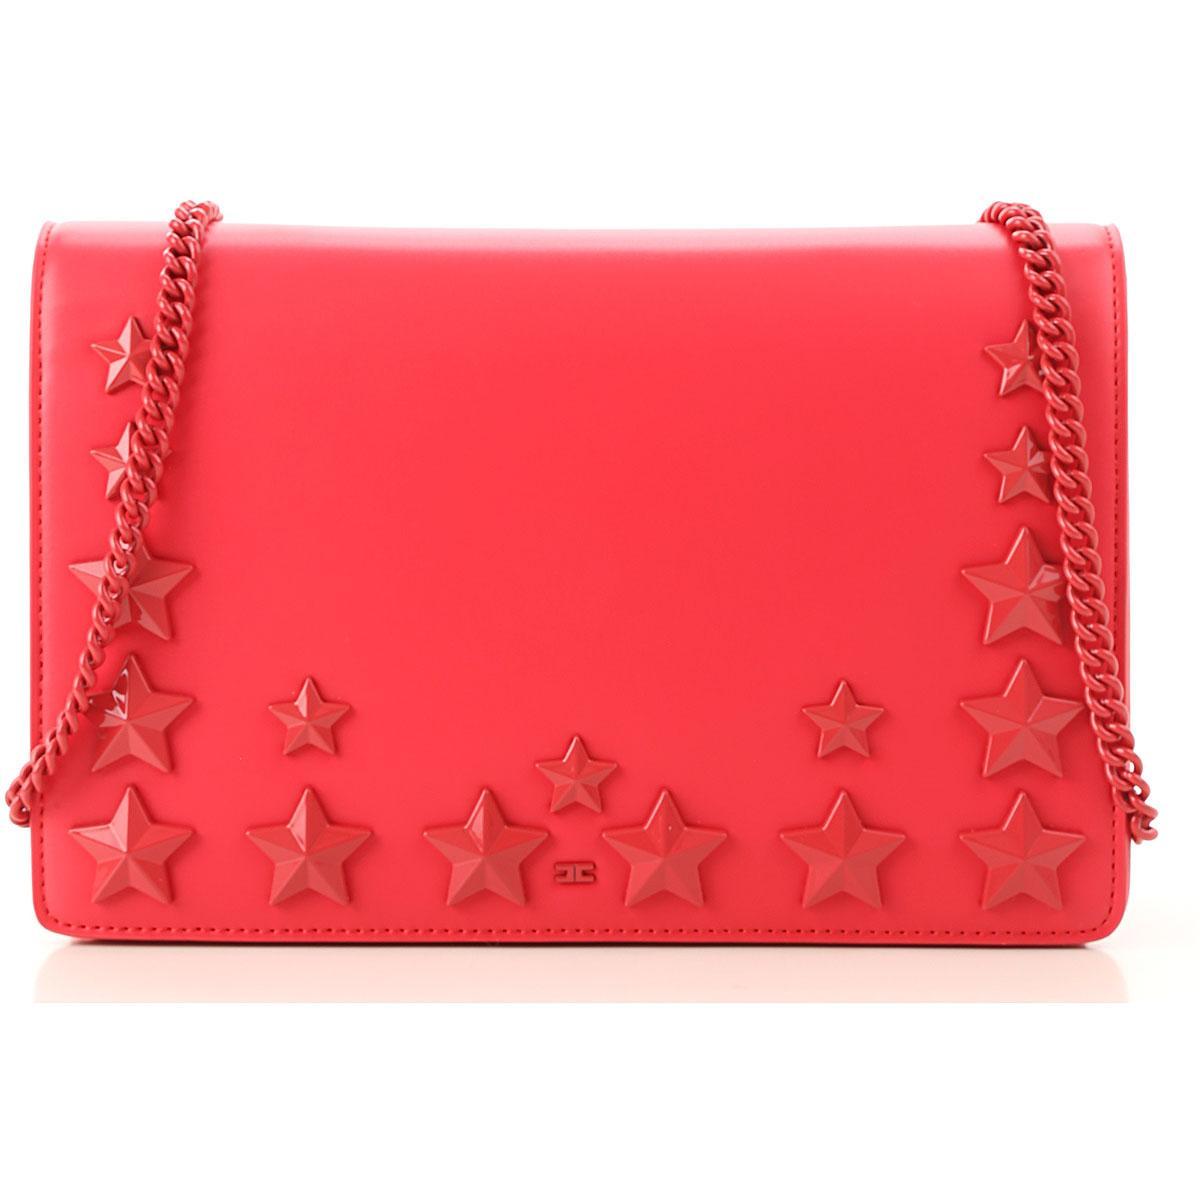 d559eafe8e44 Lyst - Elisabetta Franchi Shoulder Bag For Women in Red